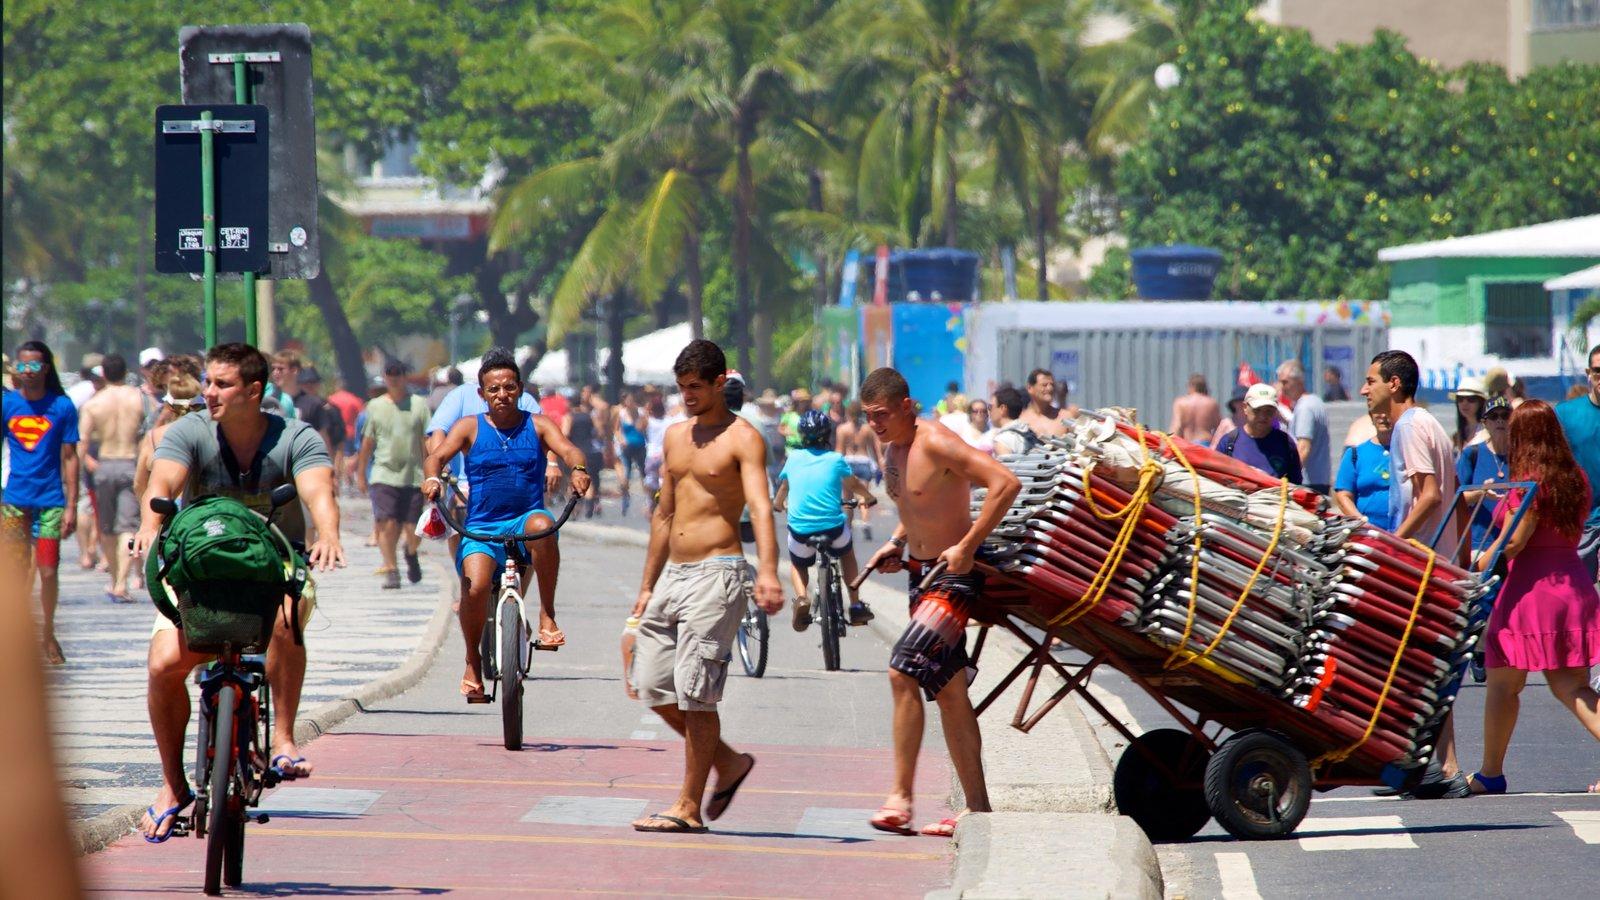 Praia de Copacabana mostrando cenas de rua assim como um grande grupo de pessoas